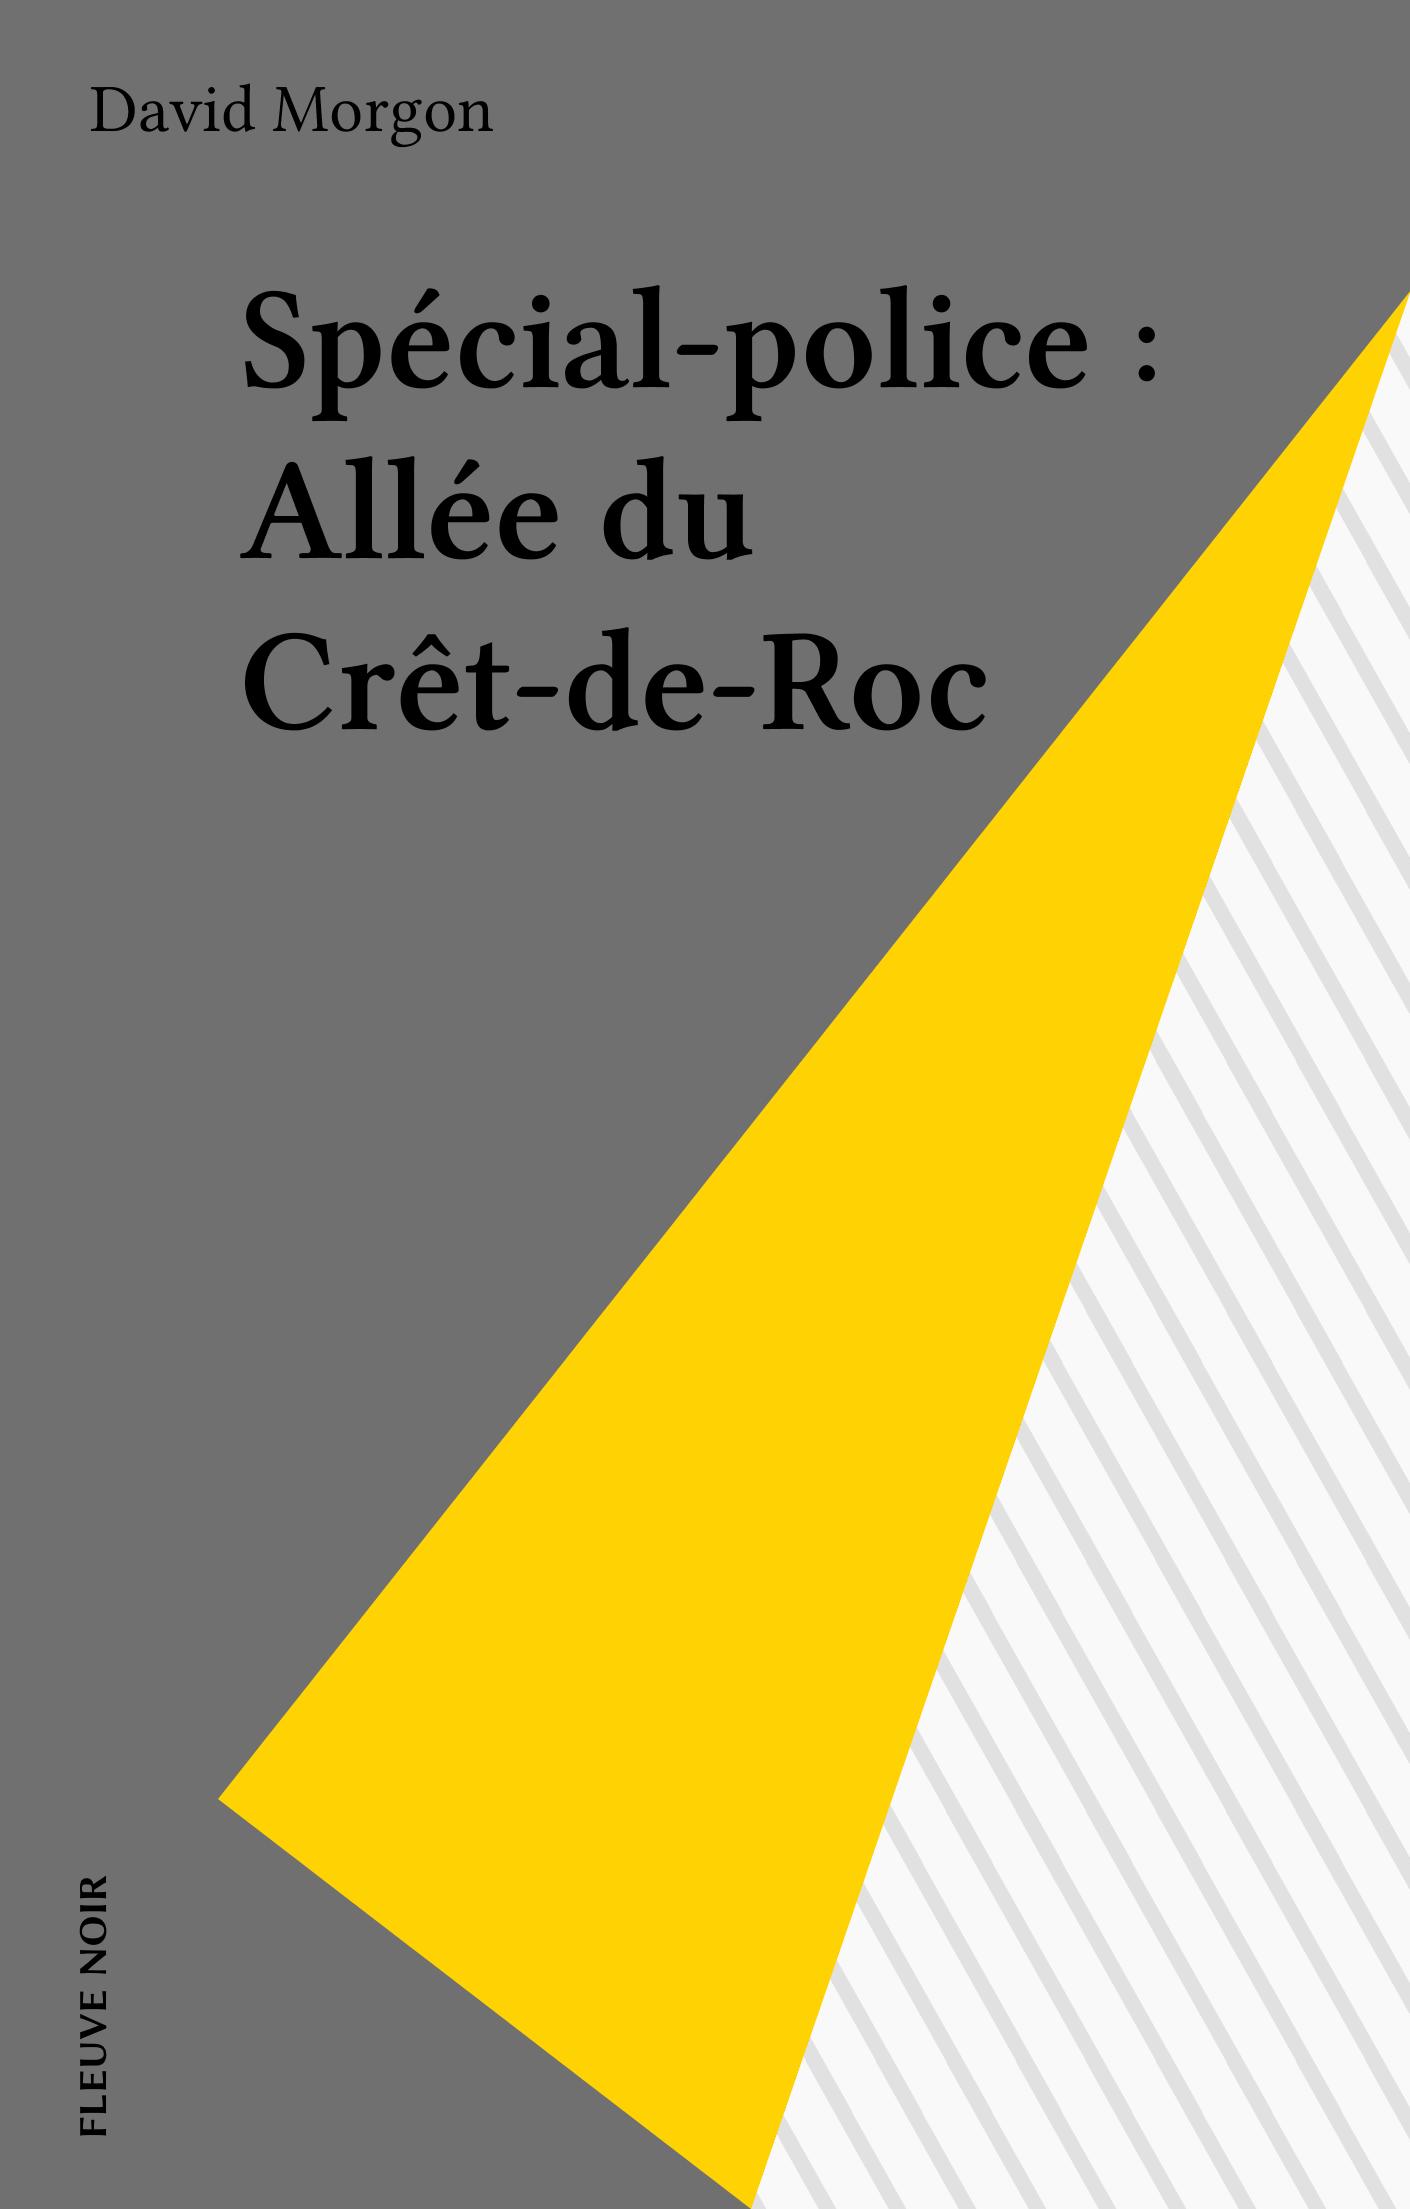 Spécial-police : Allée du Crêt-de-Roc